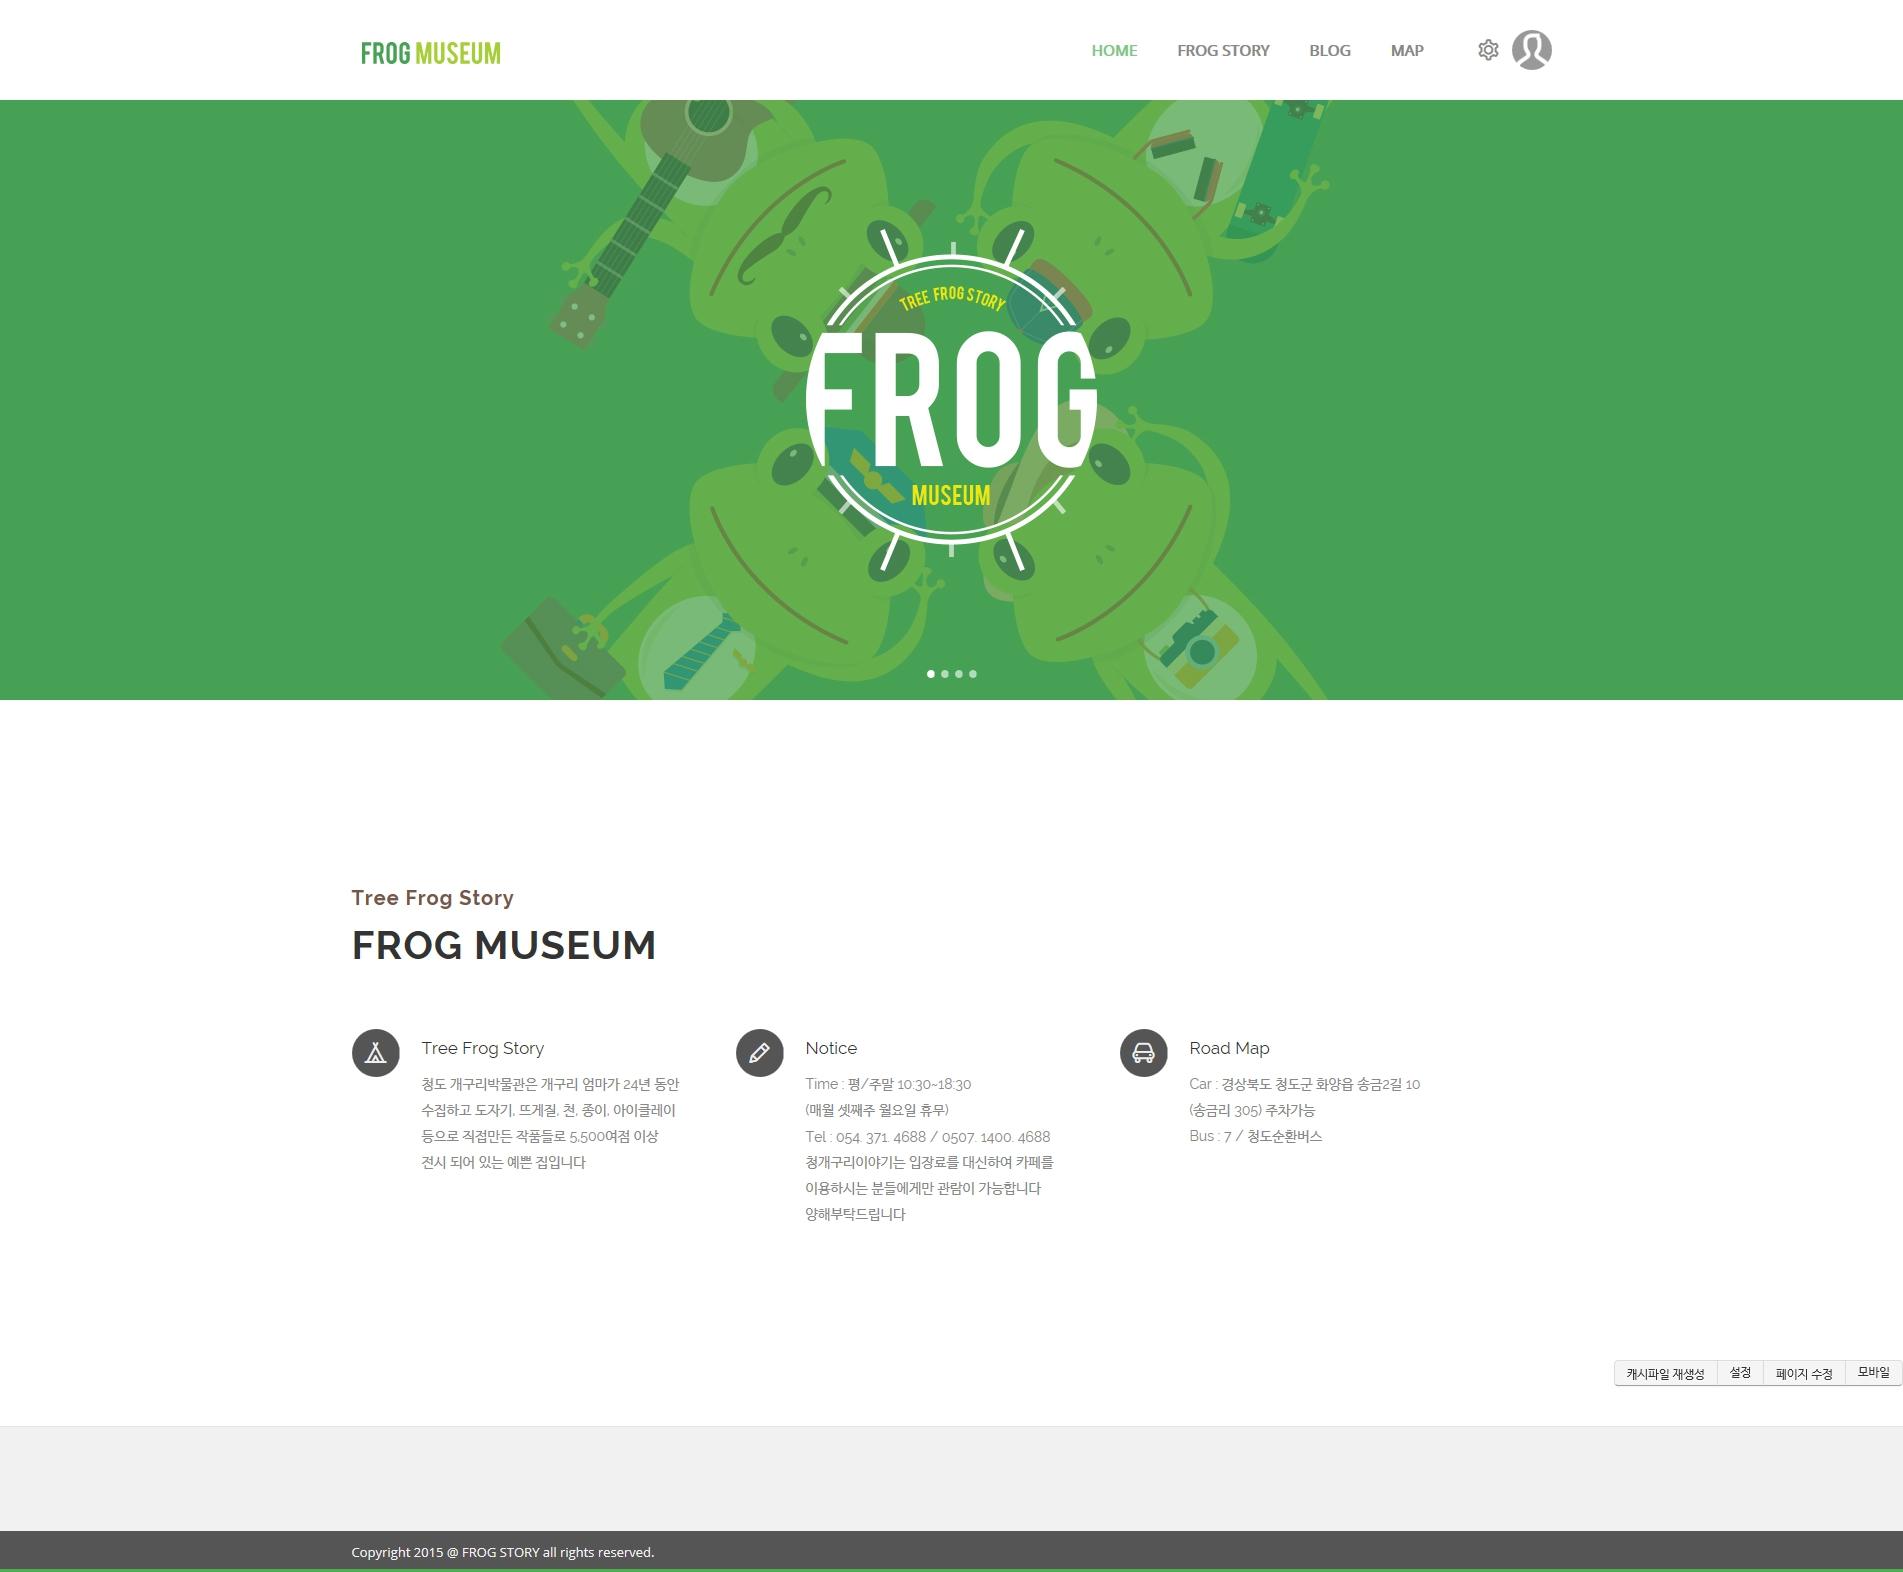 frogstory_co_kr_20150608_154234.jpg